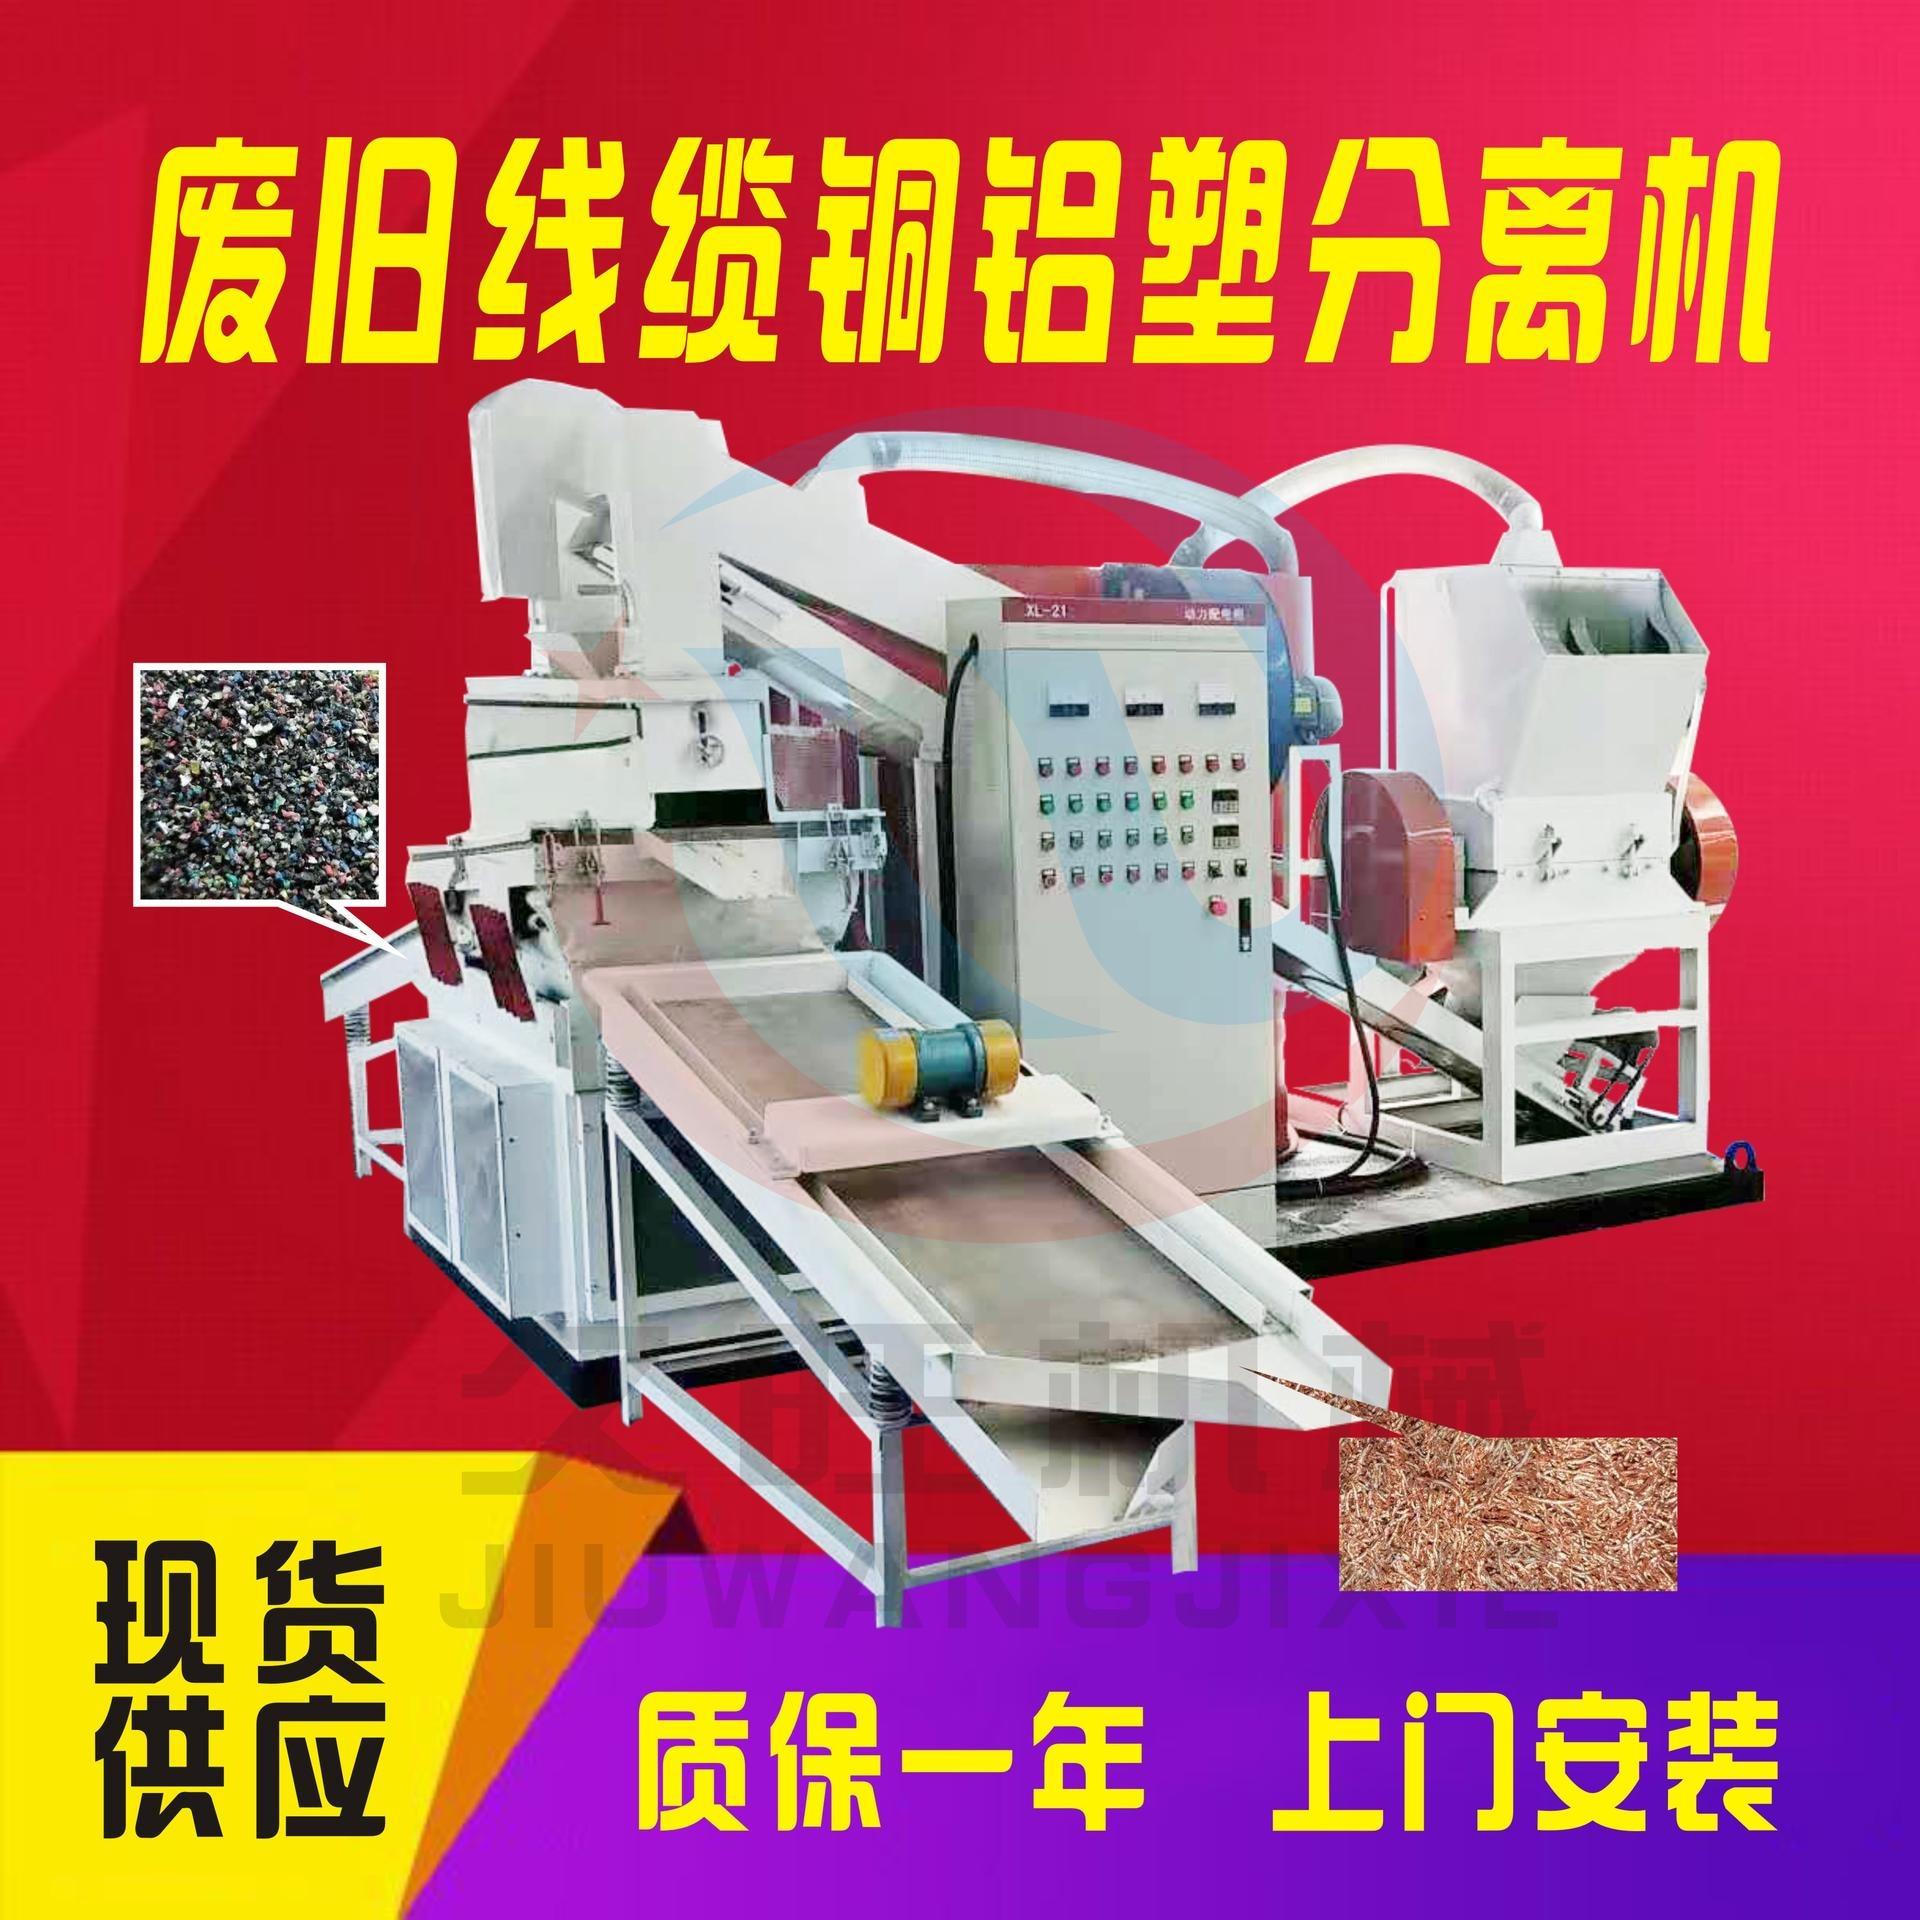 现货供应久旺环保干式铜米机 铜铝线铜米机 全自动小型杂线铜米机